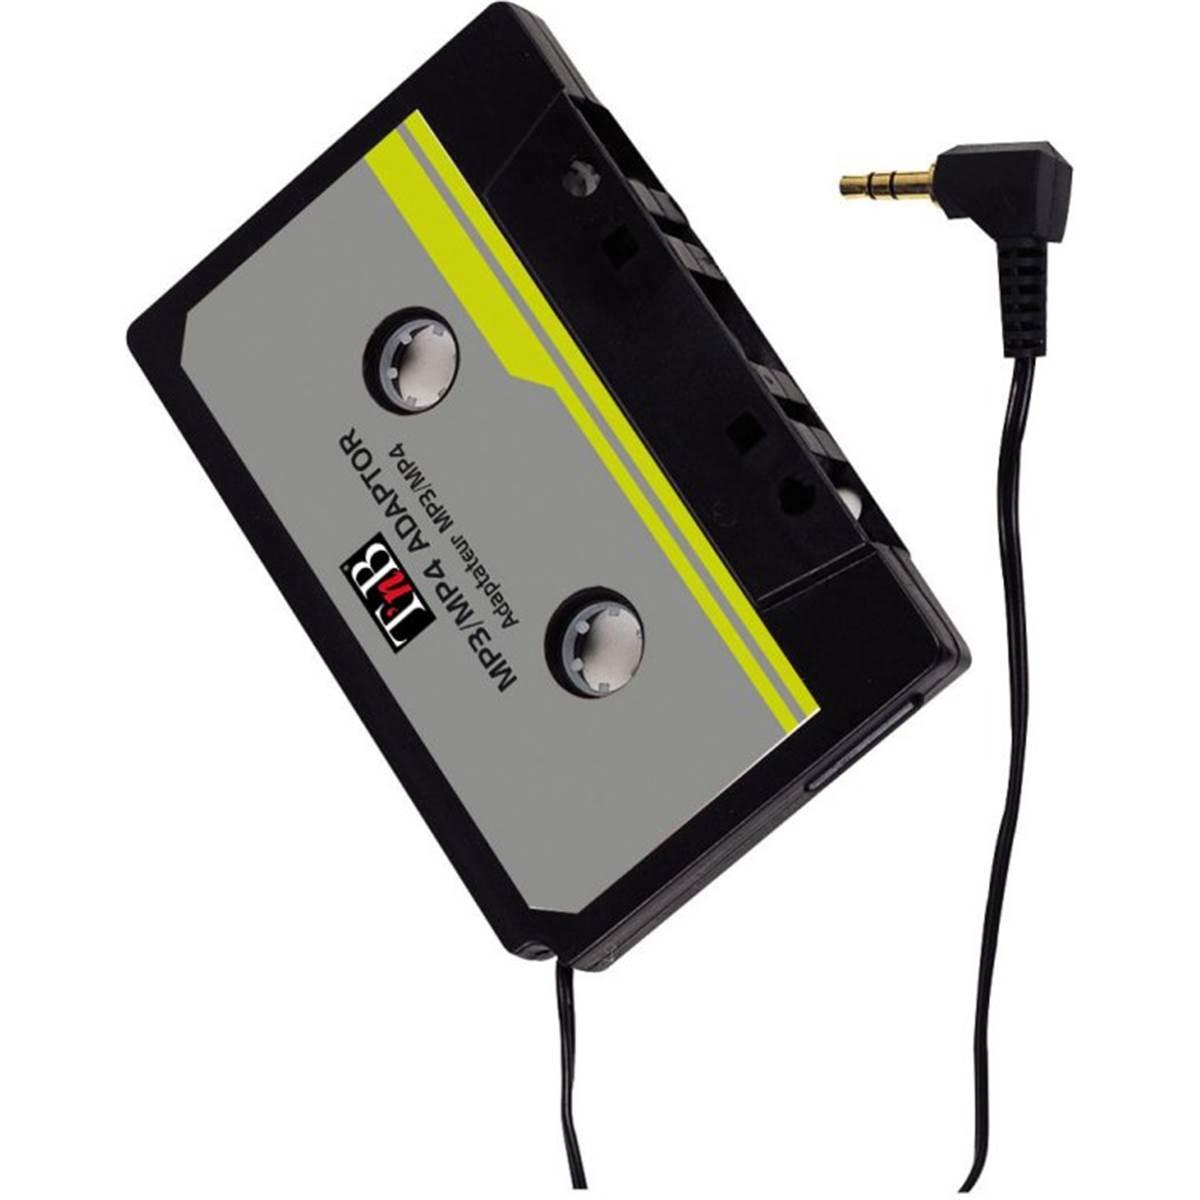 Adaptateur sur autoradio K7 pour MP3/CD T'NB